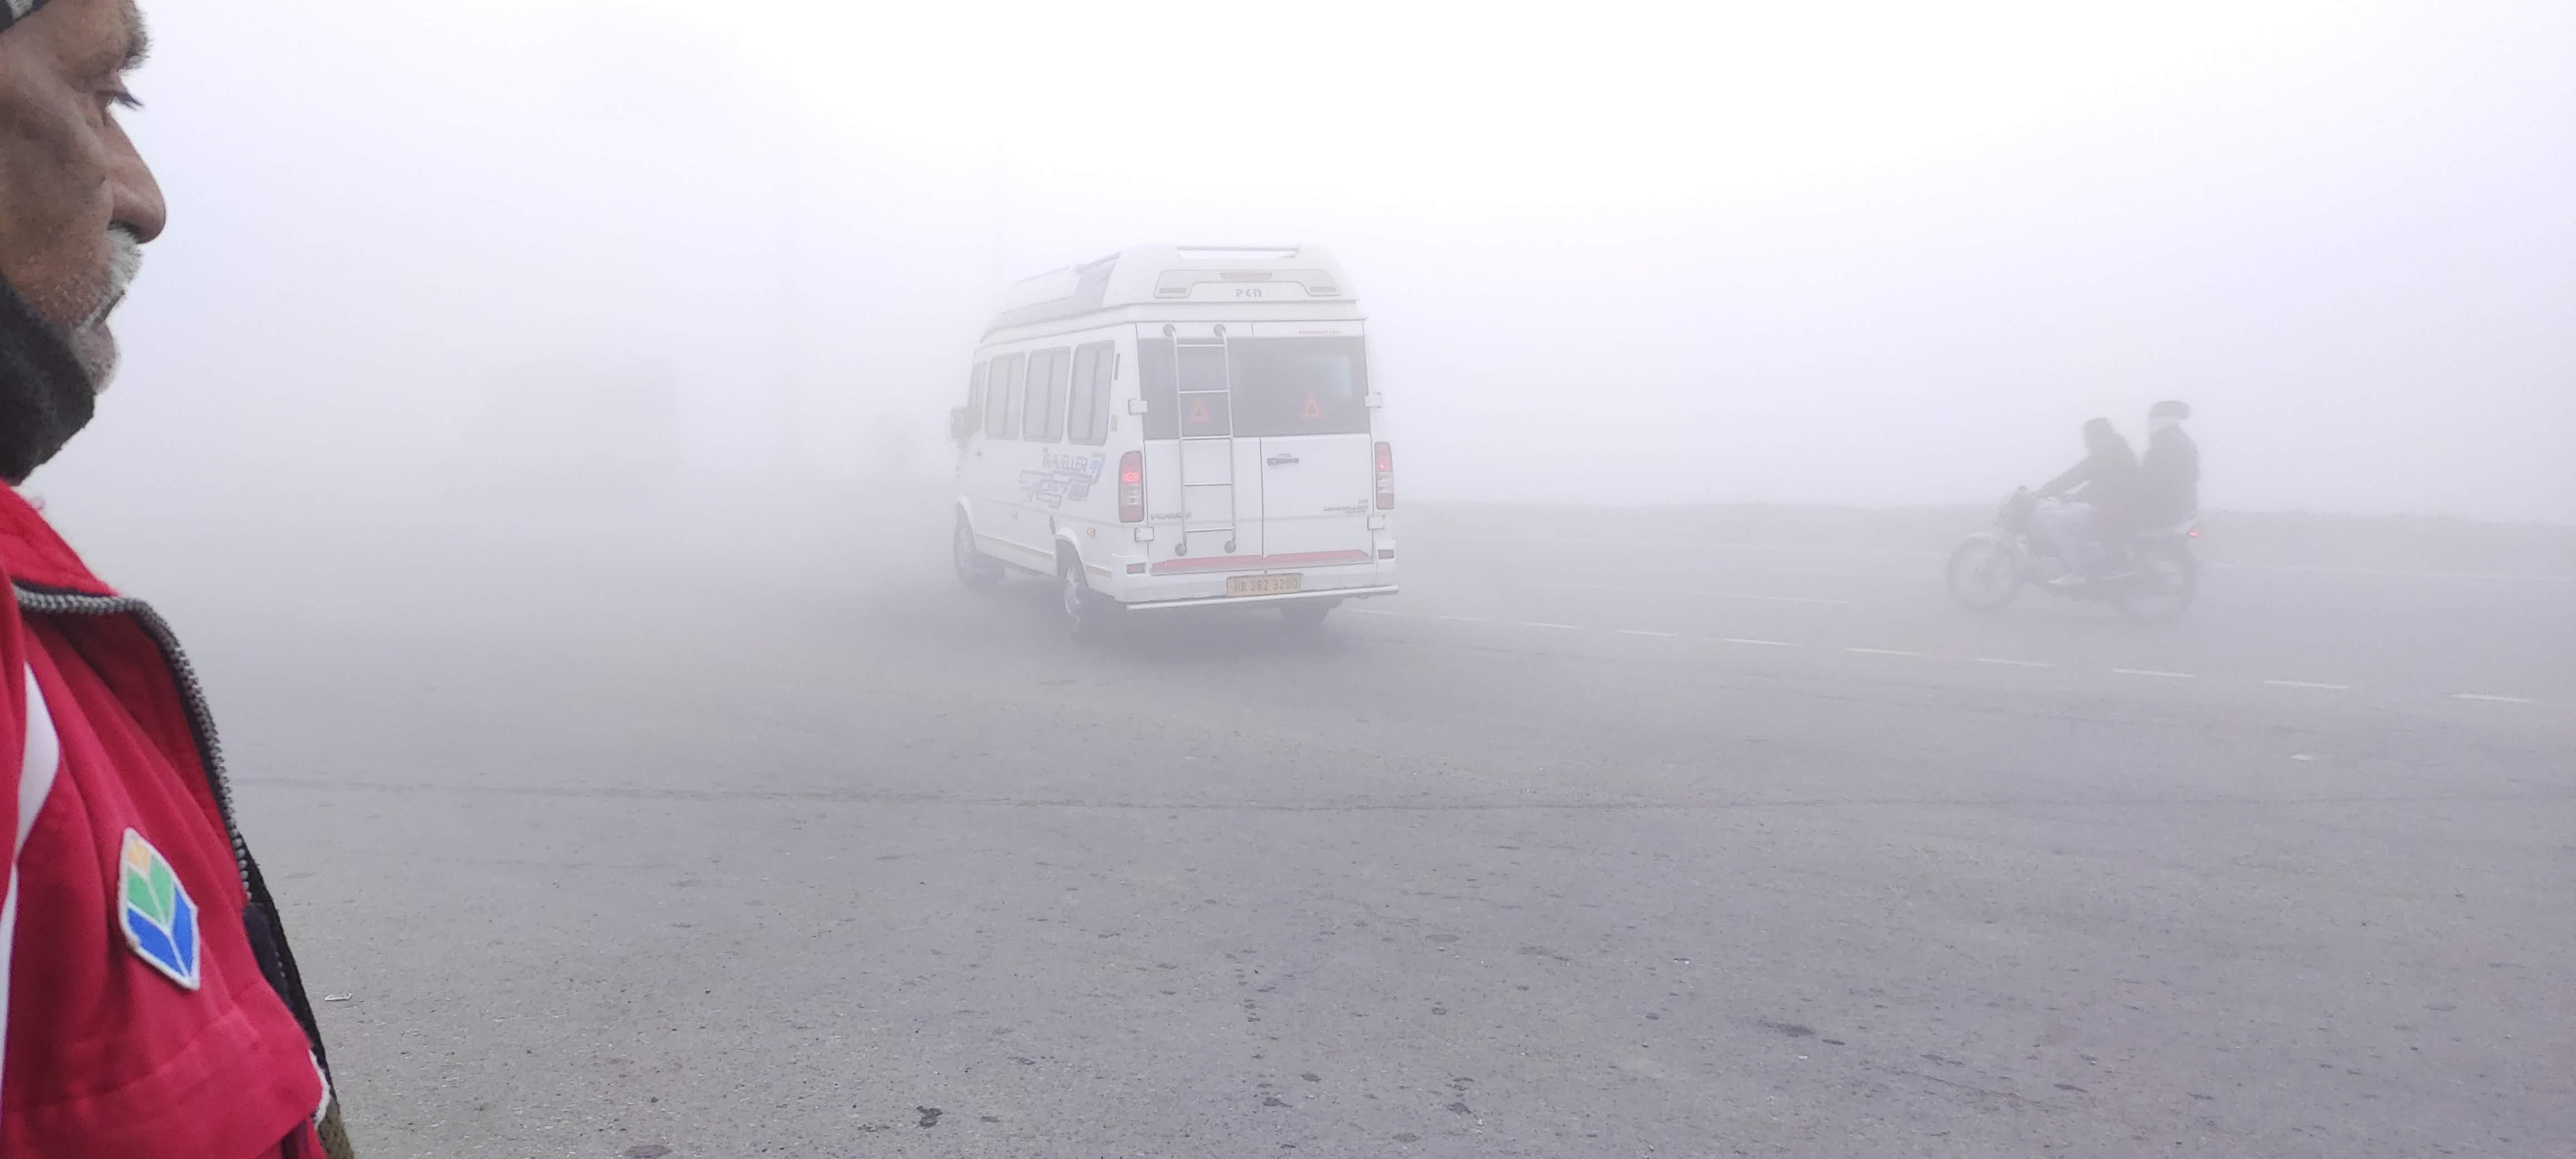 सर्द हवाओं के चलते दिल्ली NCR में महसूस हुई ठंड, उत्तराखंड, हिमाचल सहित मध्य प्रदेश में बारिश का अलर्ट